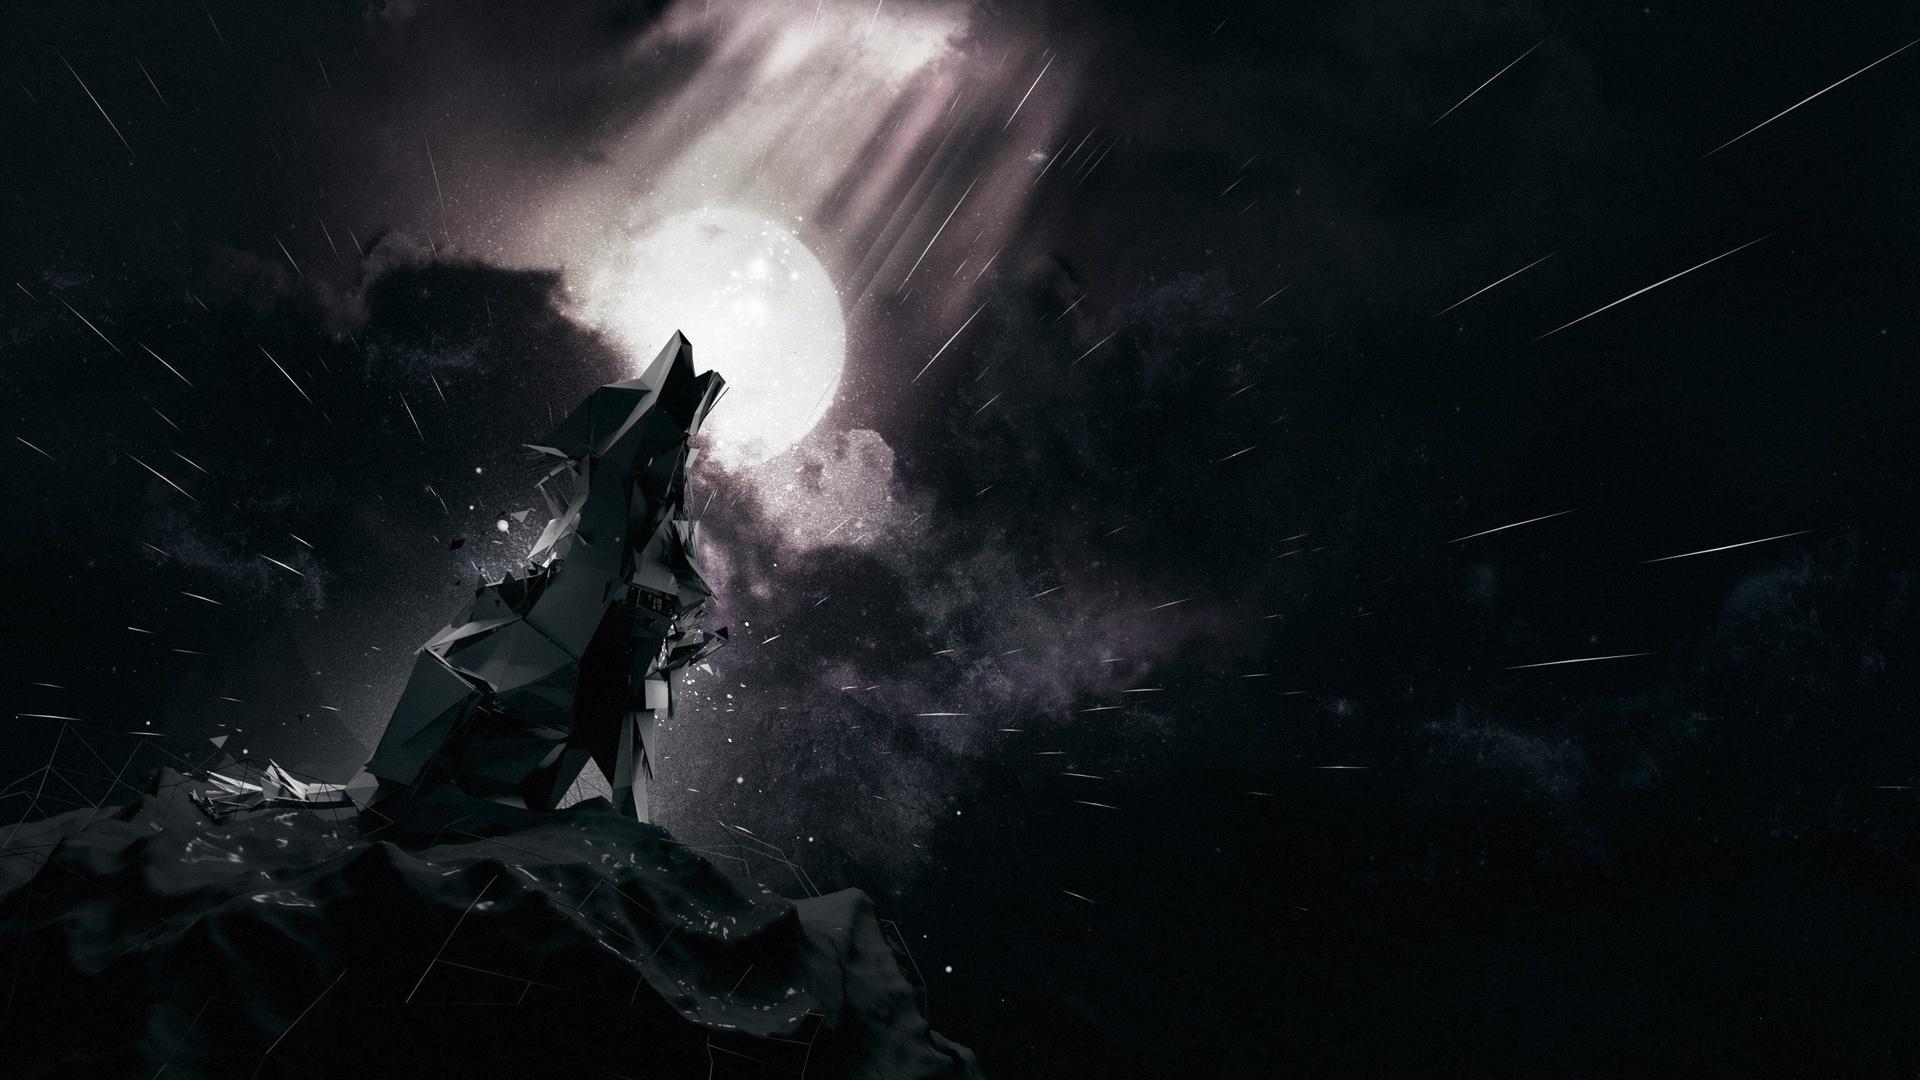 волк, луна, снег, ночь, текстуры